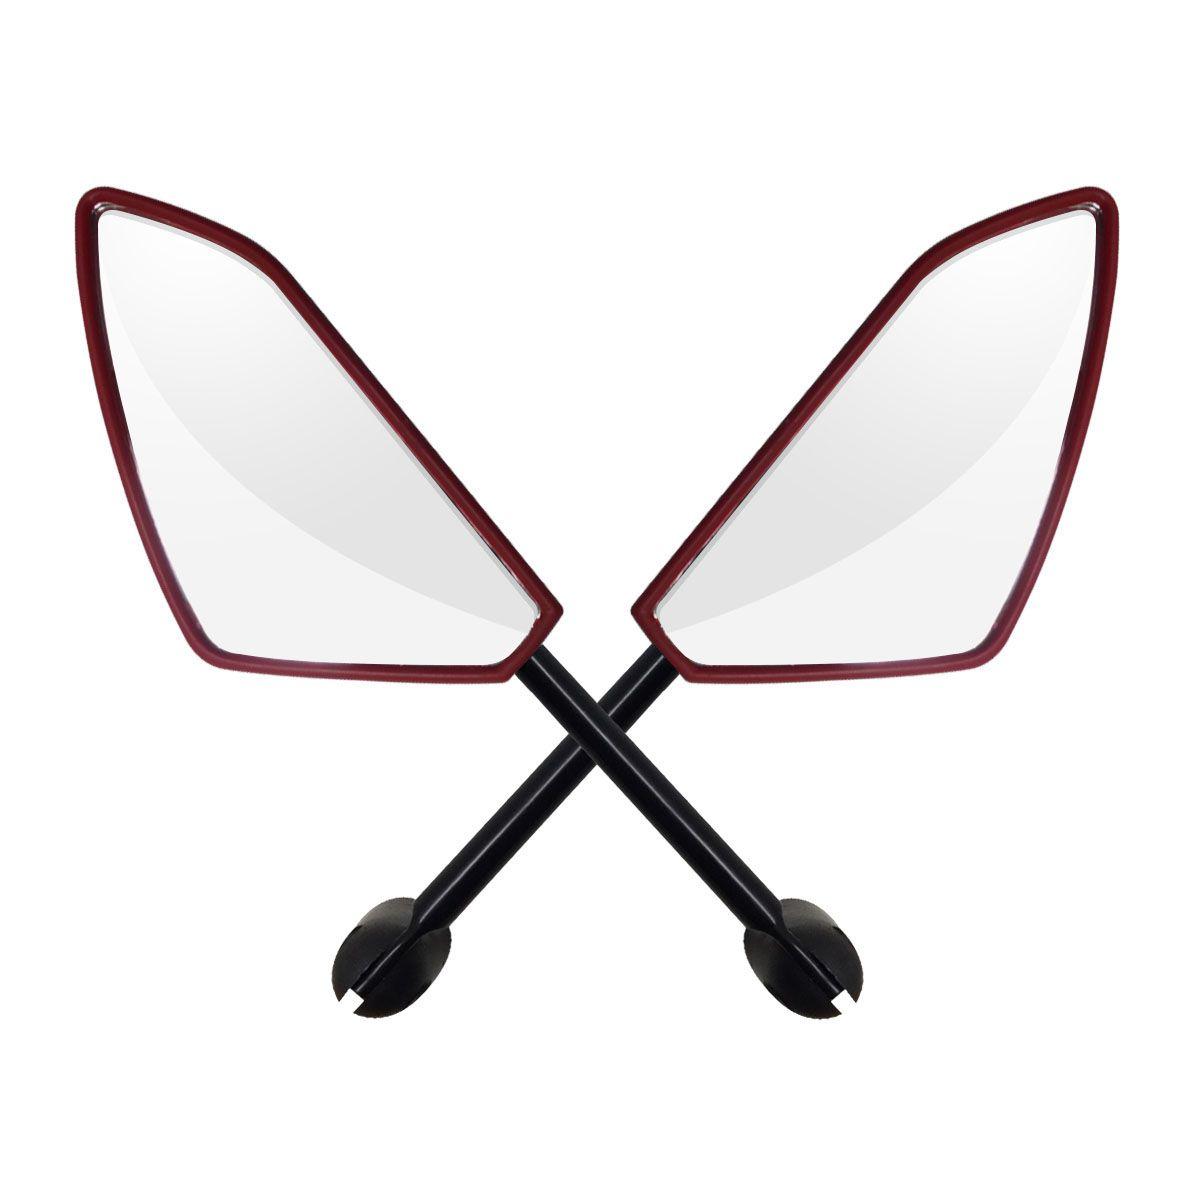 Espelho Retrovisor Honda - Direito e Esquerdo c/ Articulador - Vermelho - Rizoma Spider - Maximo